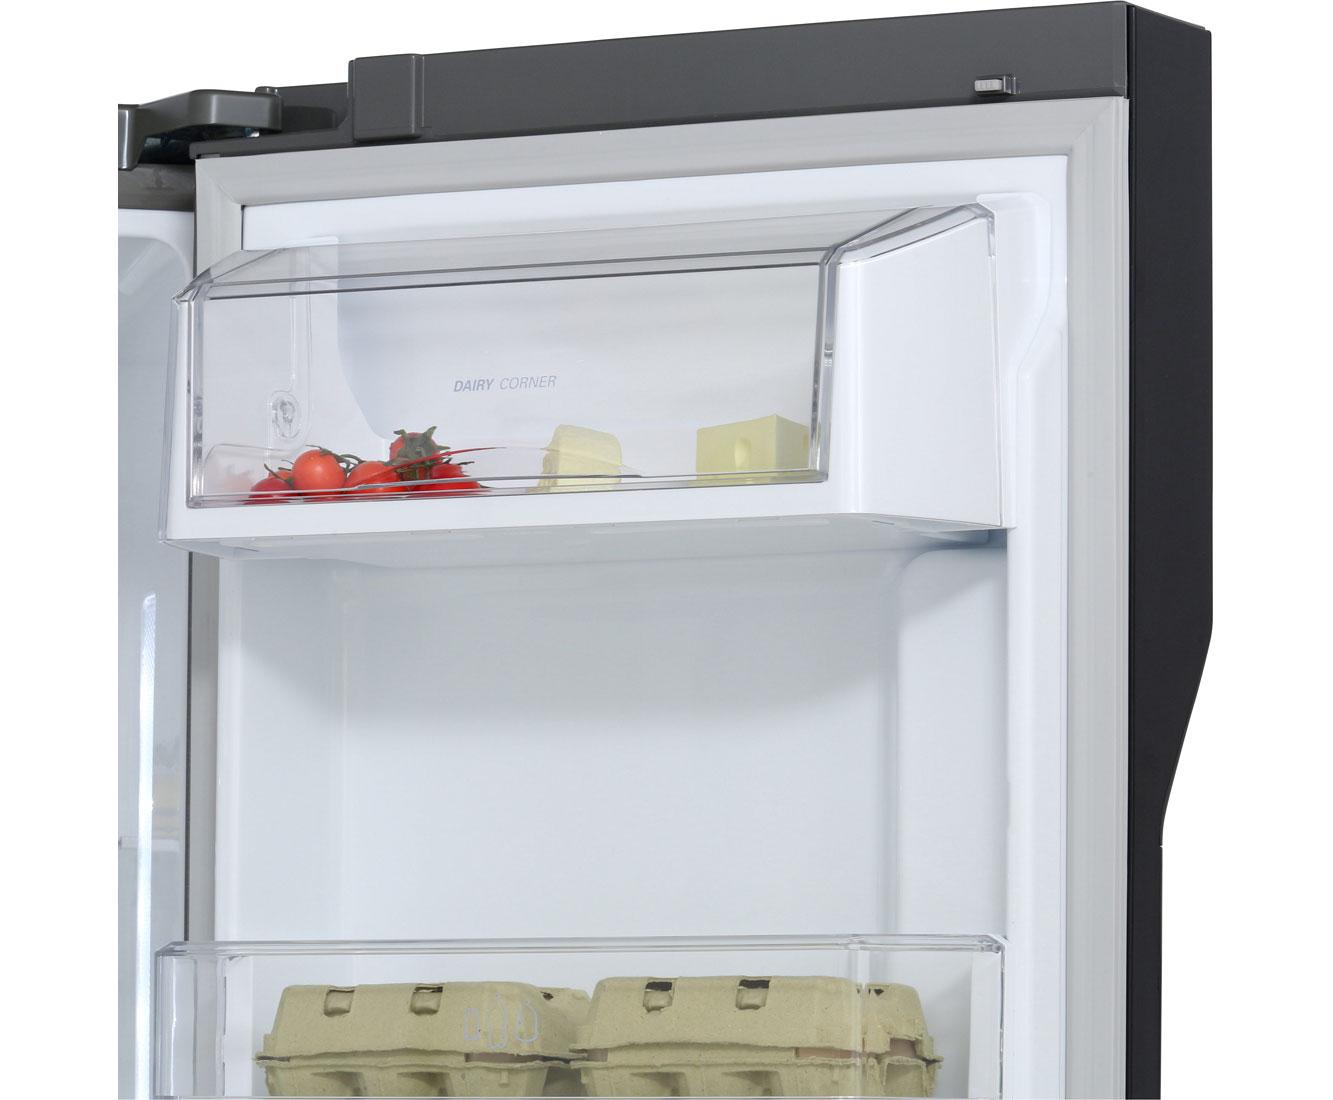 Gorenje Kühlschrank Wasser : Lg gsl icez amerikanischer side by side mit wasserspender